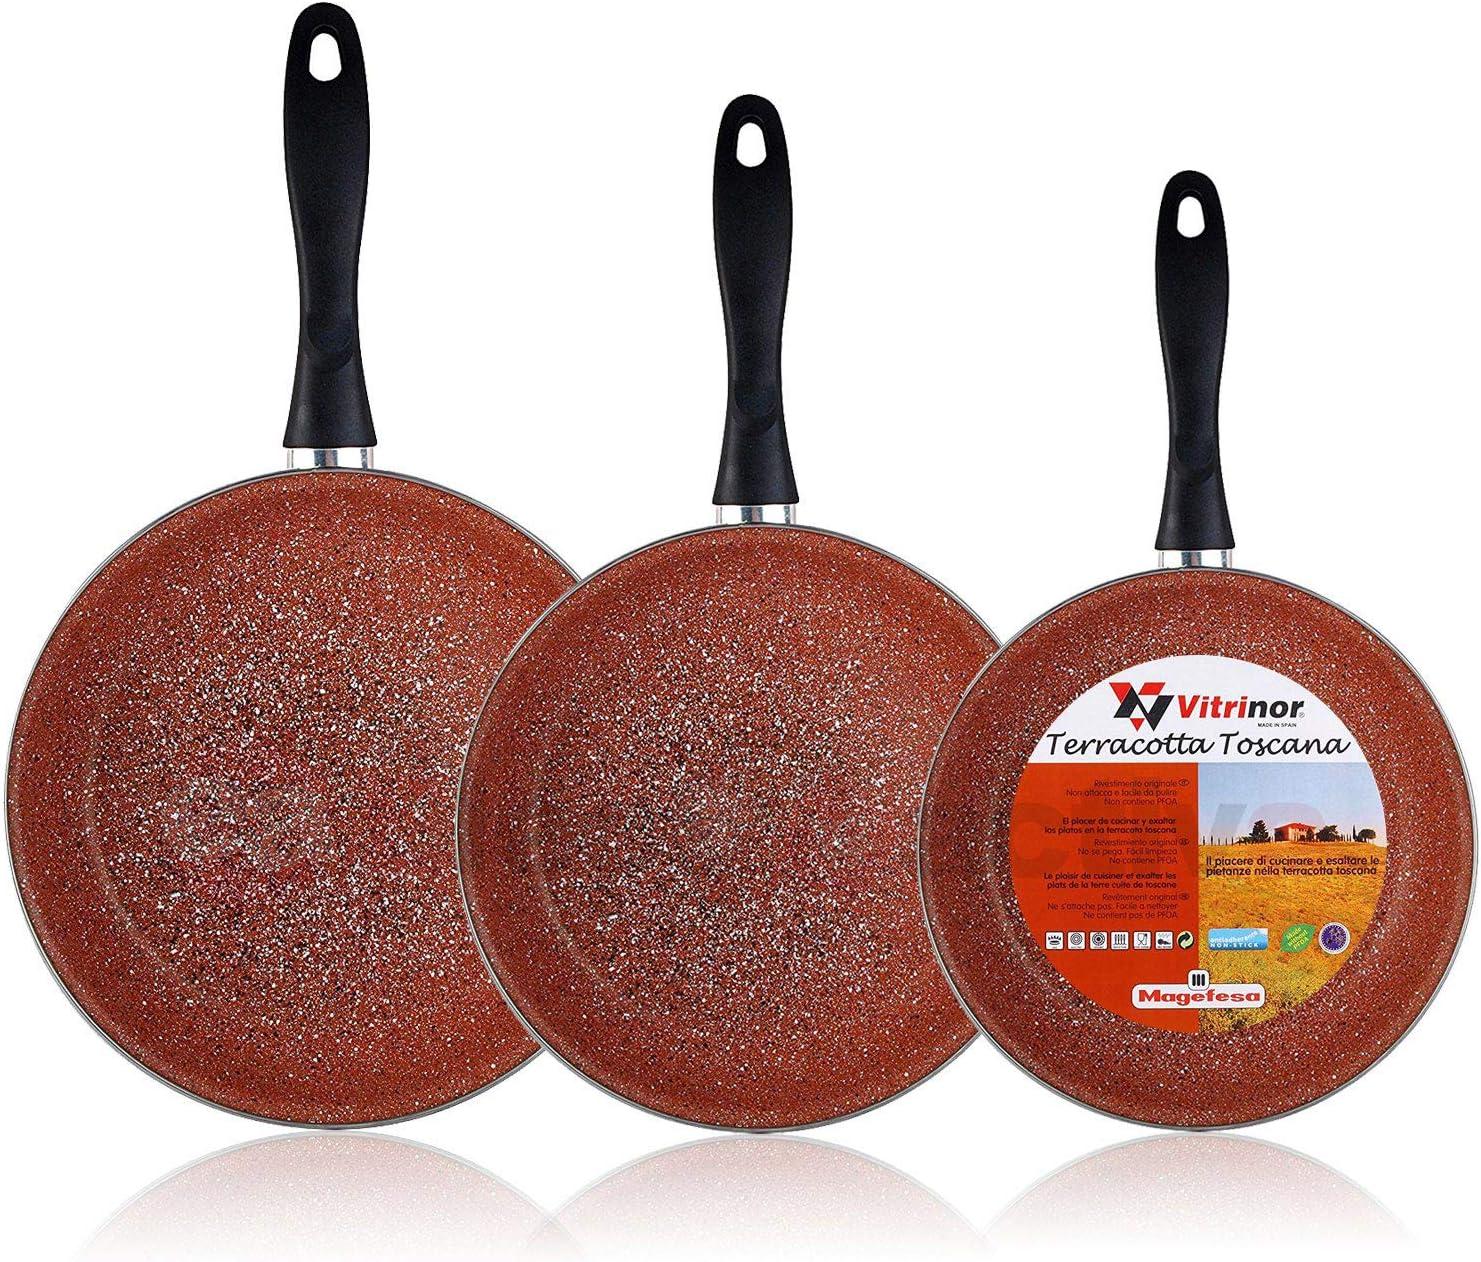 Magefesa Terracota - Set Juego 3 Sartenes 18-20-24 cm, inducción, Antiadherente Granito Libre de PFOA, Limpieza lavavajillas Apta para Todas Las cocinas, vitroceramica, Gas, Fabricadas en España